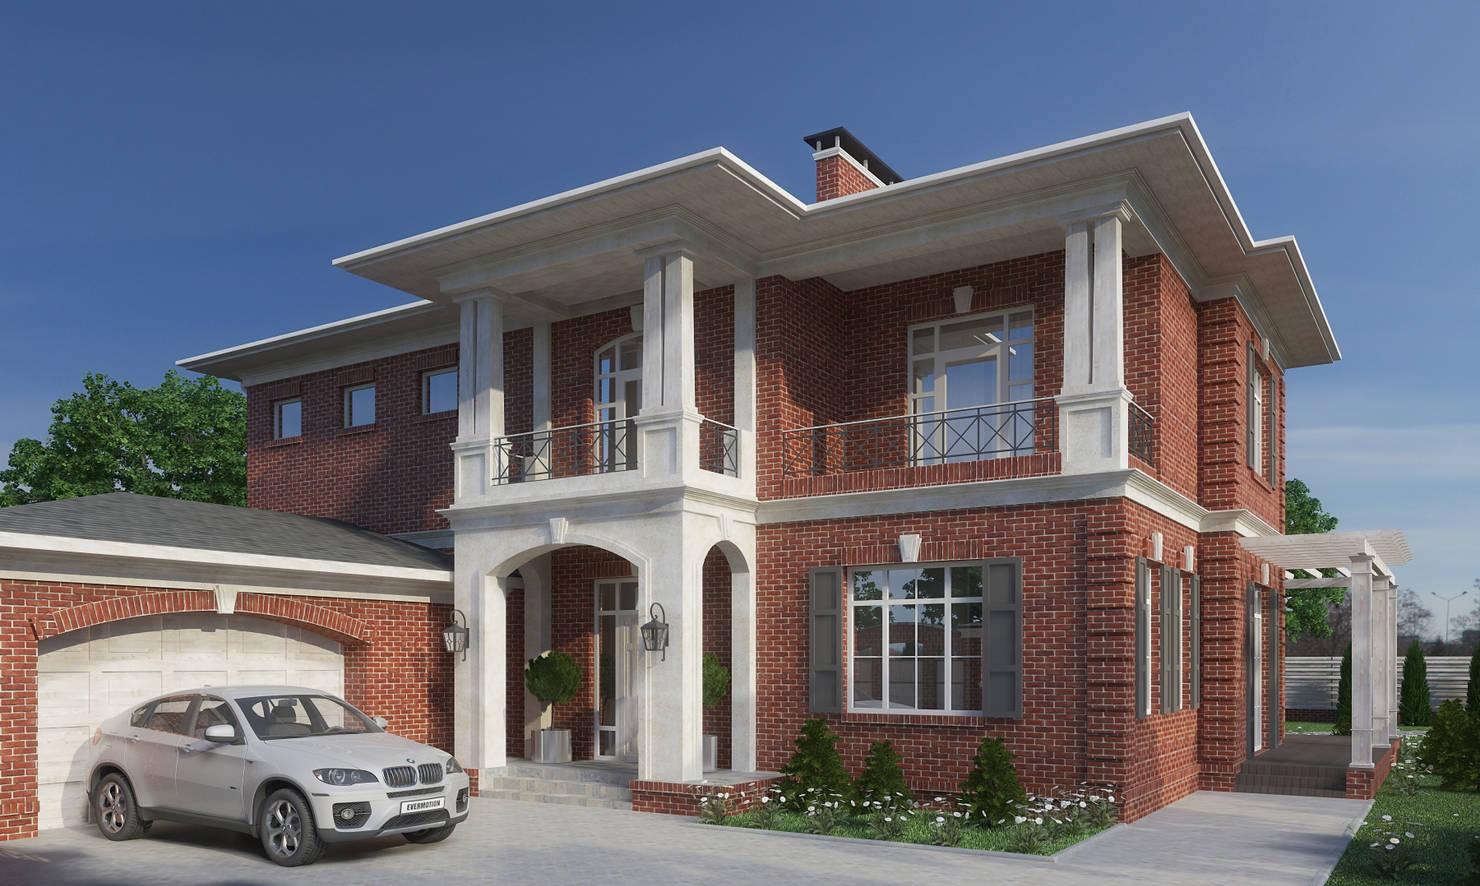 10 типов домов под разные типы семей